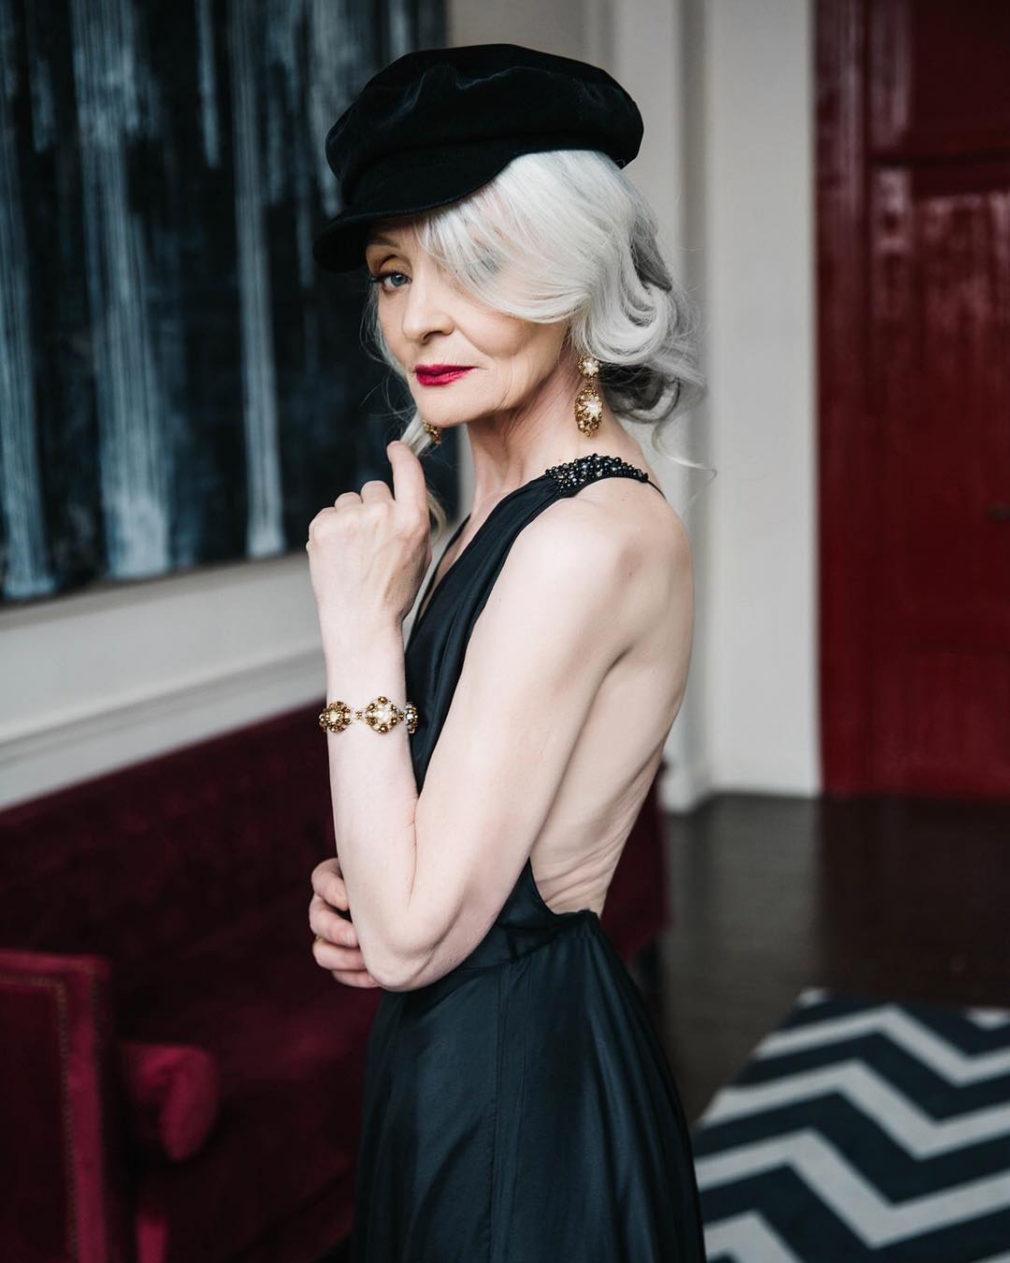 Причёски для женщин старше 60 лет фото 9